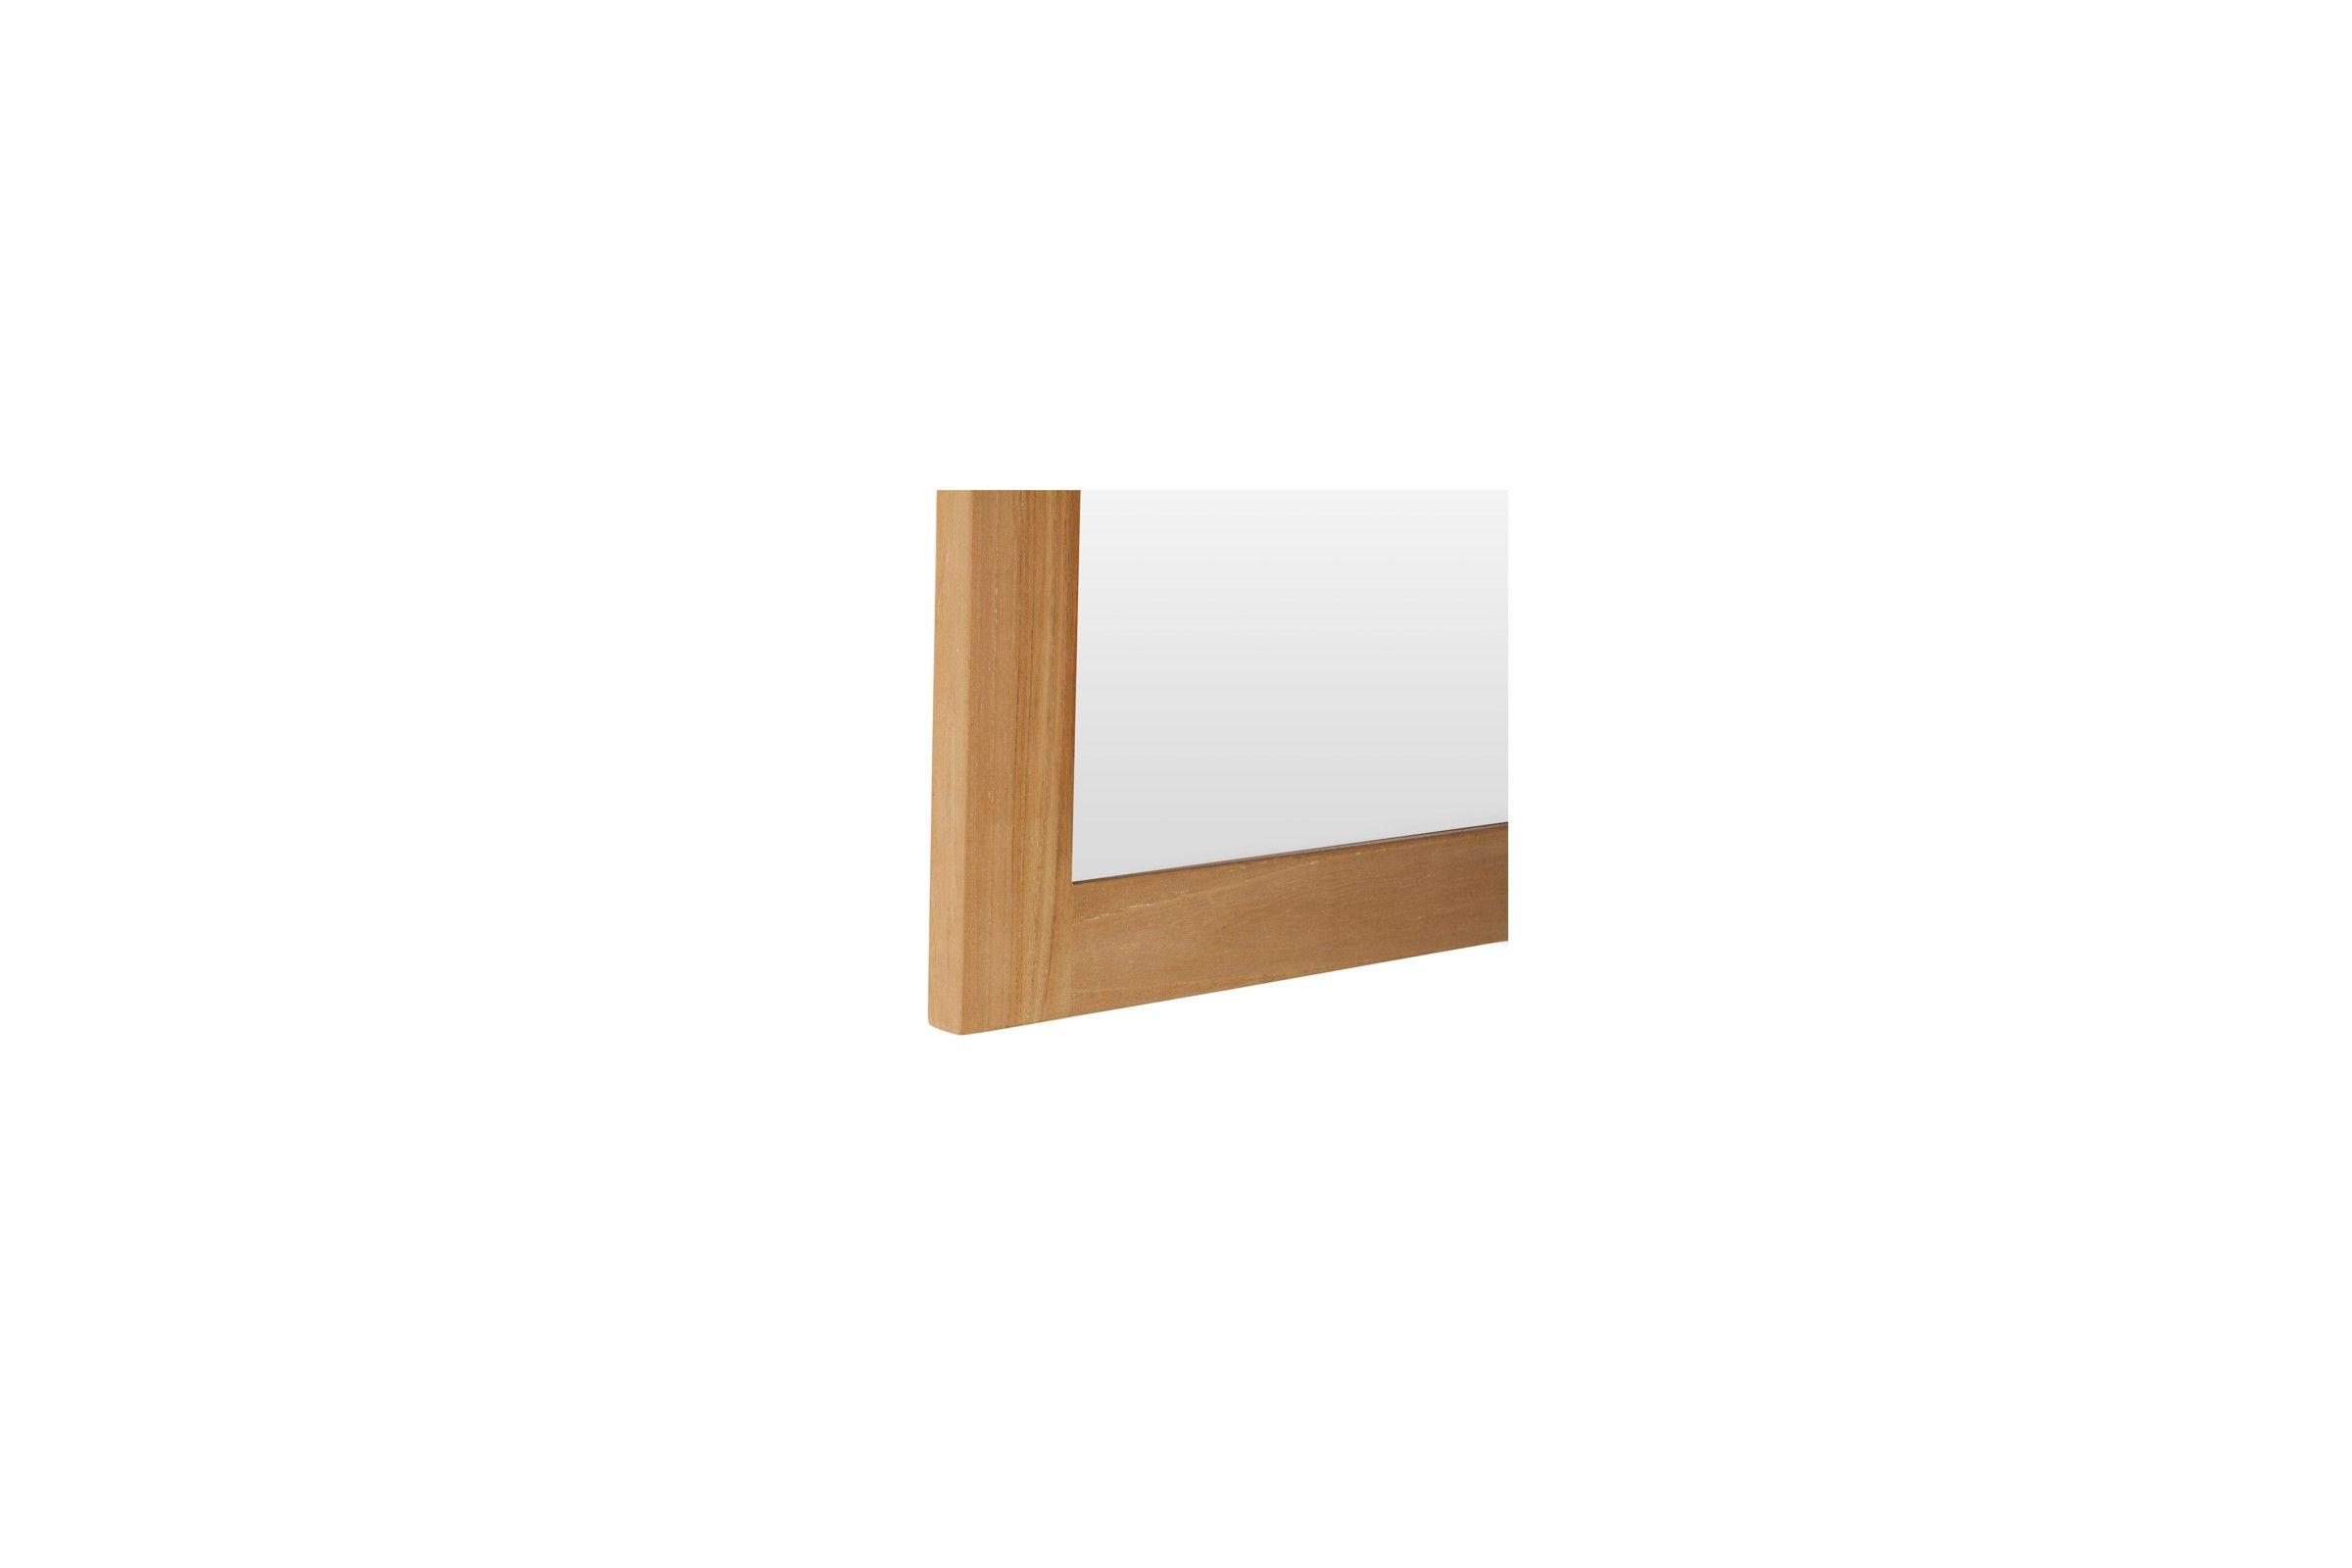 Miroir en teck massif brut by line art la galerie du teck for Miroir en bois brut